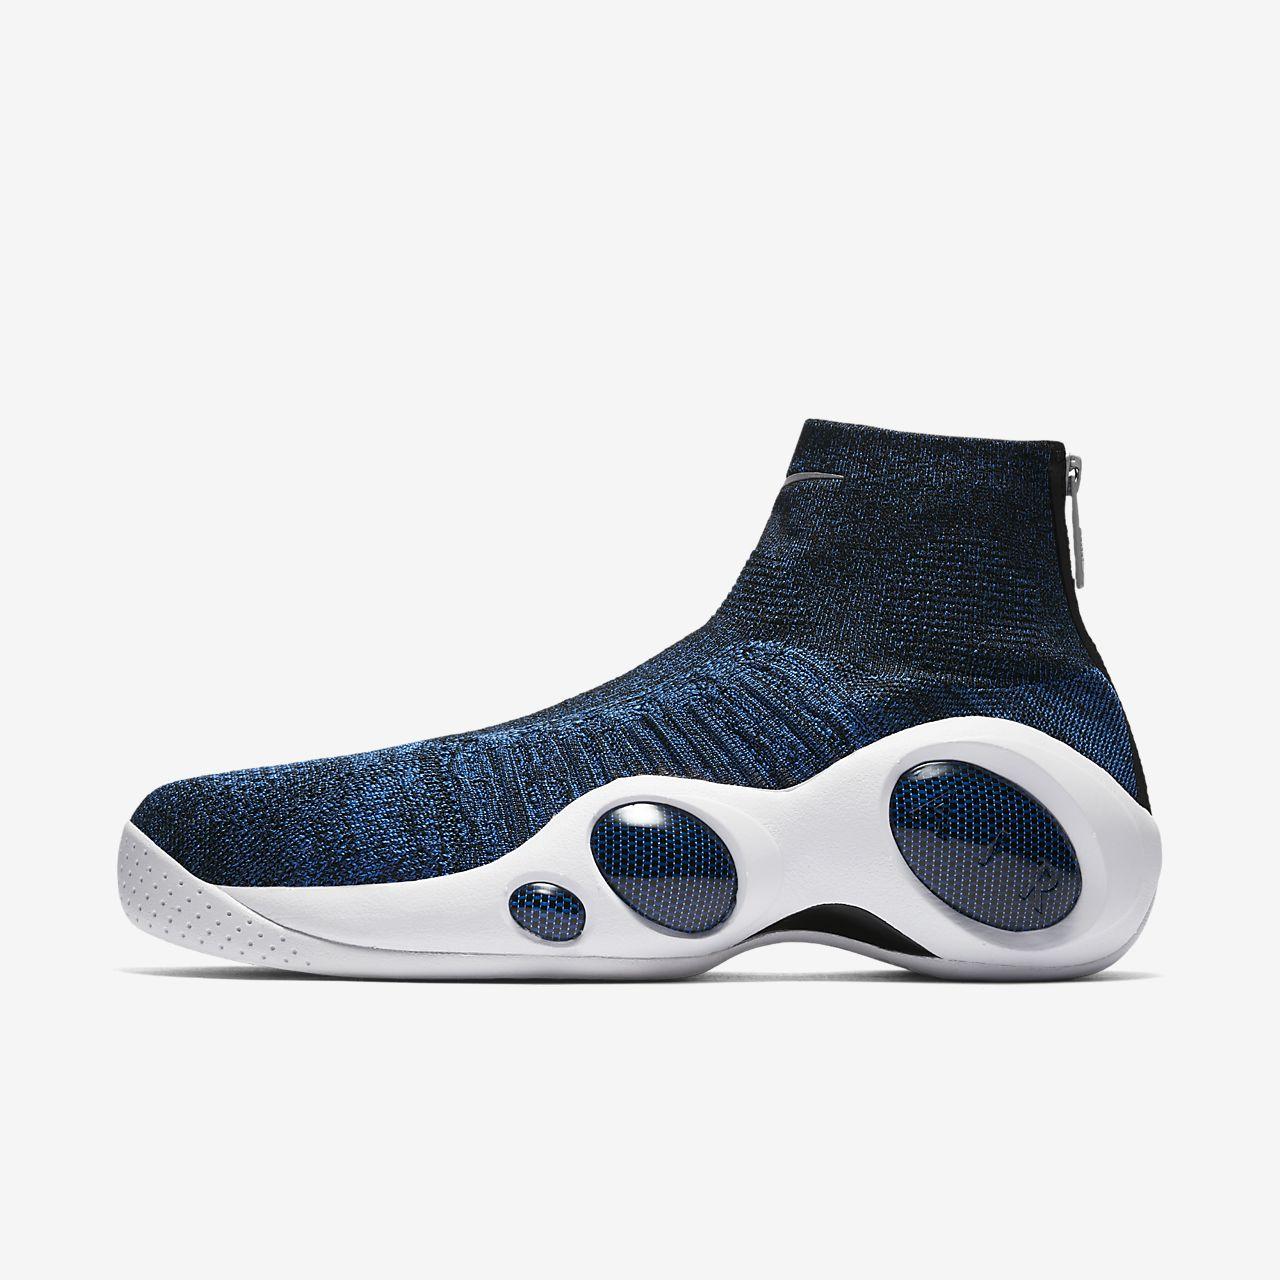 Nike Hombre Mx Flight Calzado Bonafide Para BCqwT0